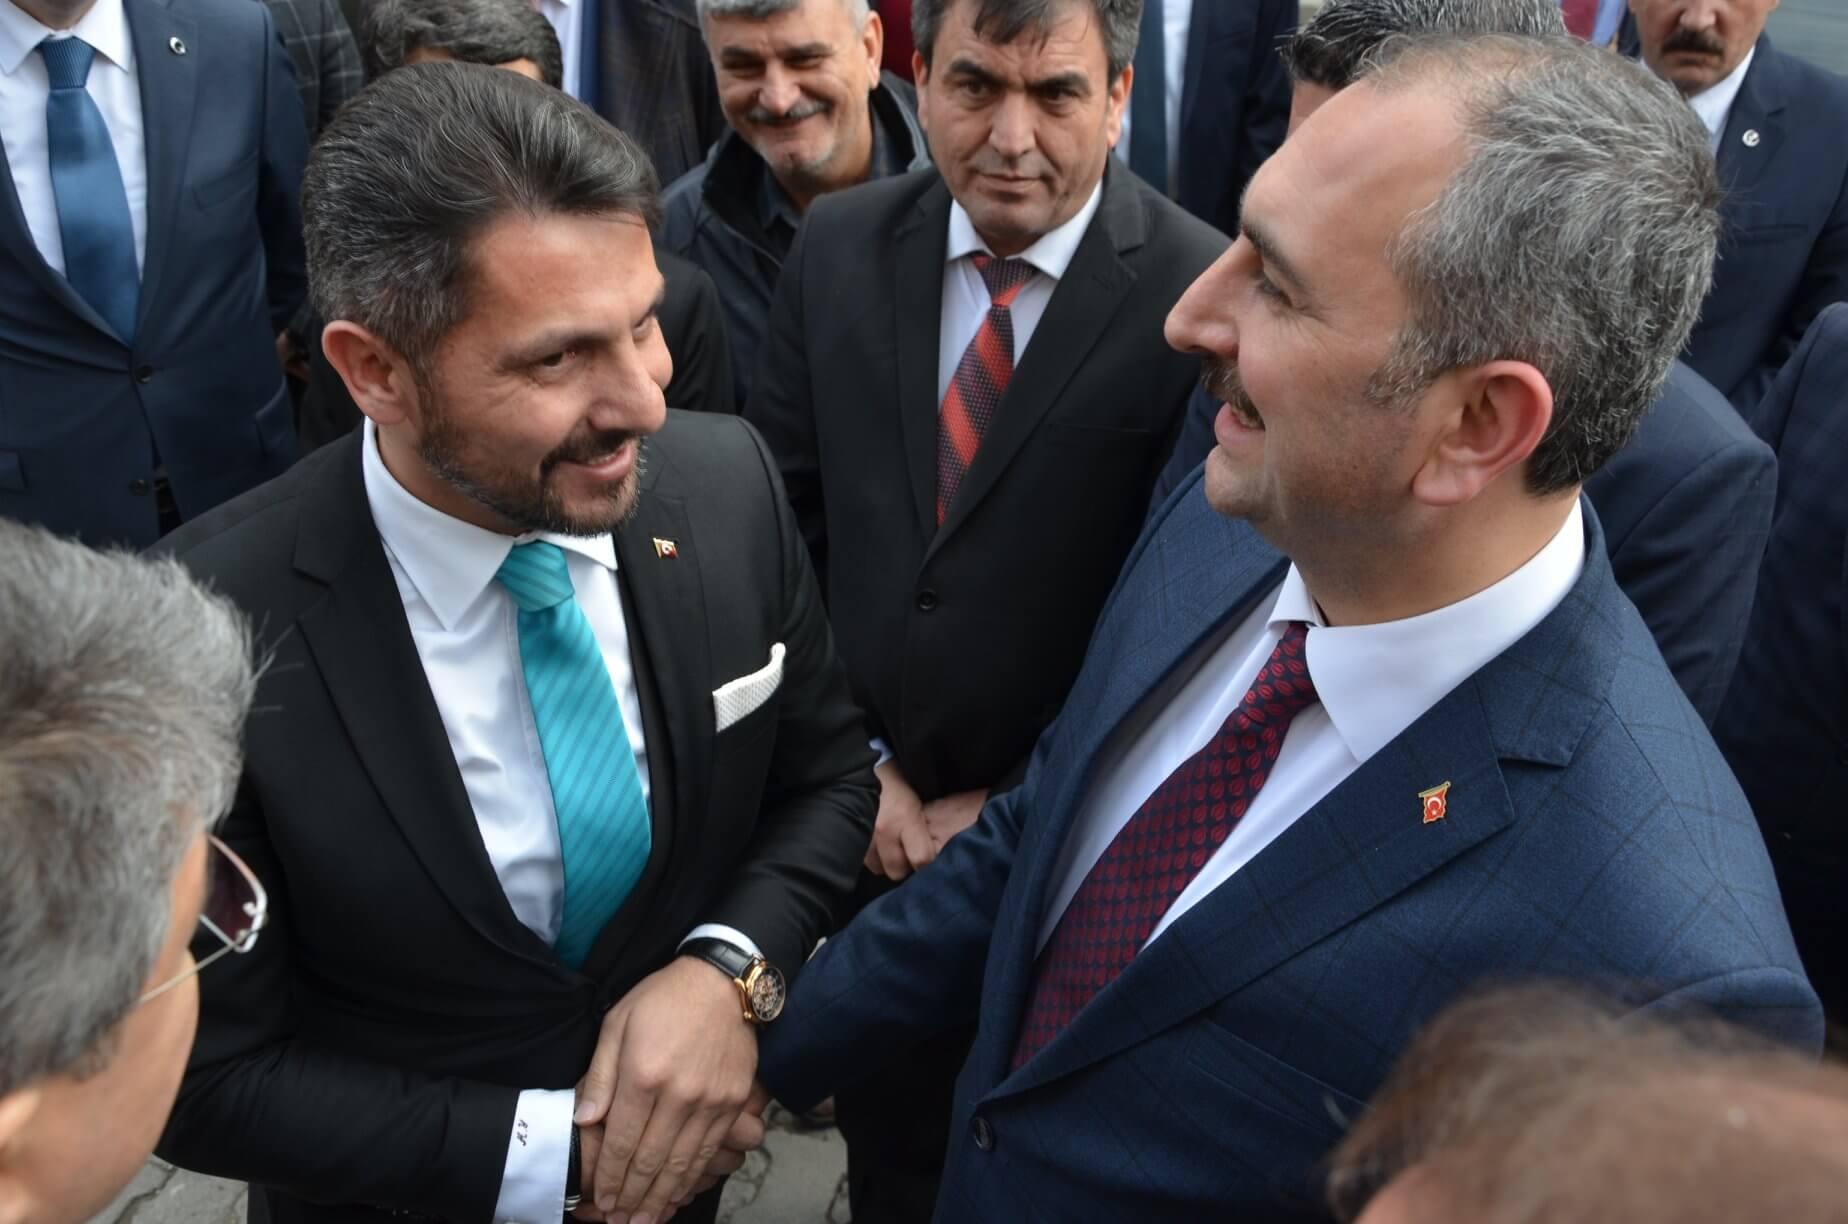 Adalet Bakanımız Sayın Abdulhamit Gül, Sivrihisar Belediye Başkanımız Hamid Yüzügüllü ile Dünyanın Merkezi Sivrihisar'da biraraya geldi.